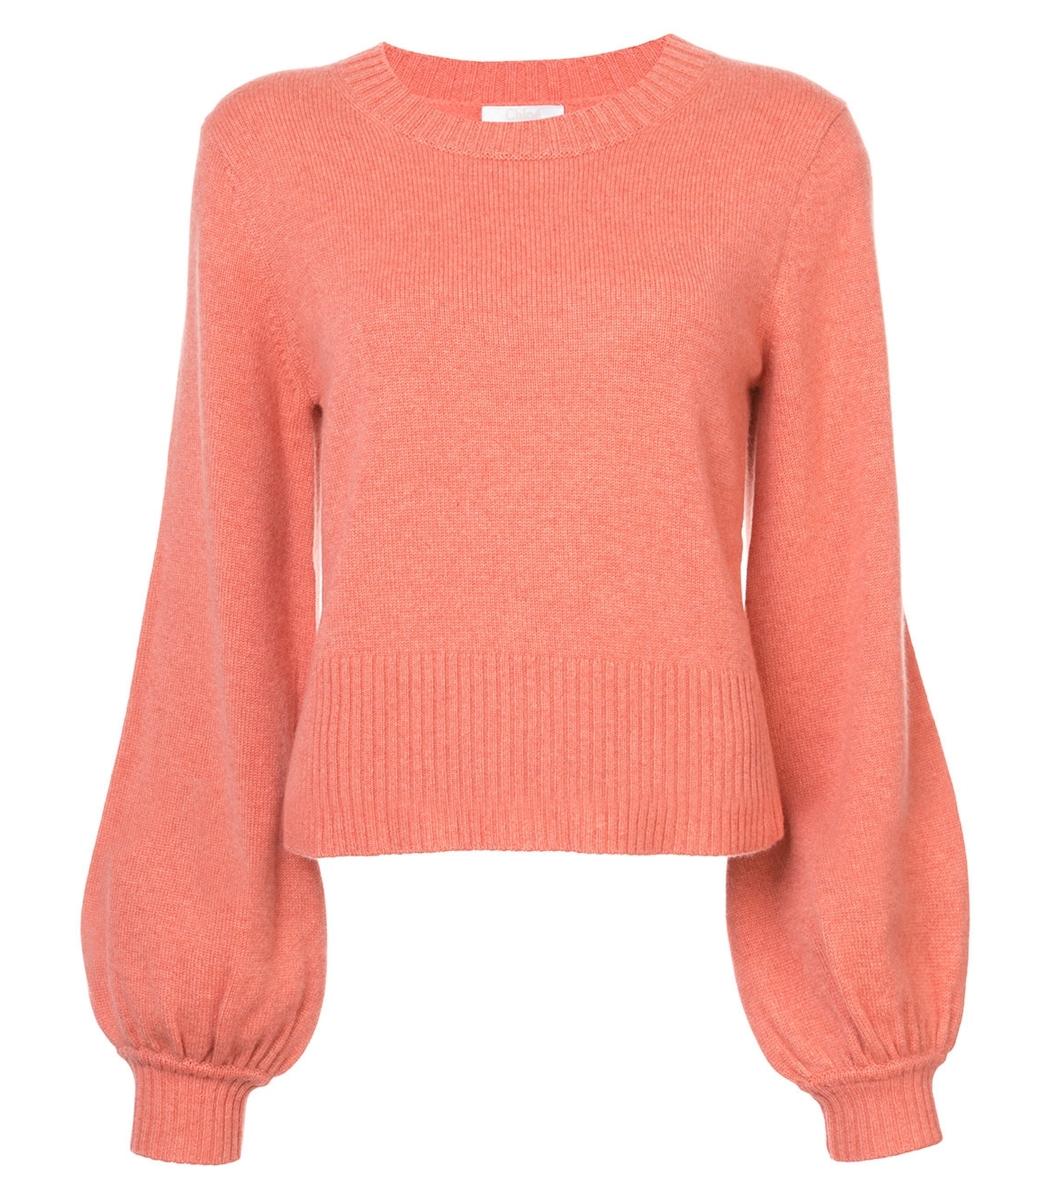 Chloé Cashmere Sweater - Orange Cuffs Sweater